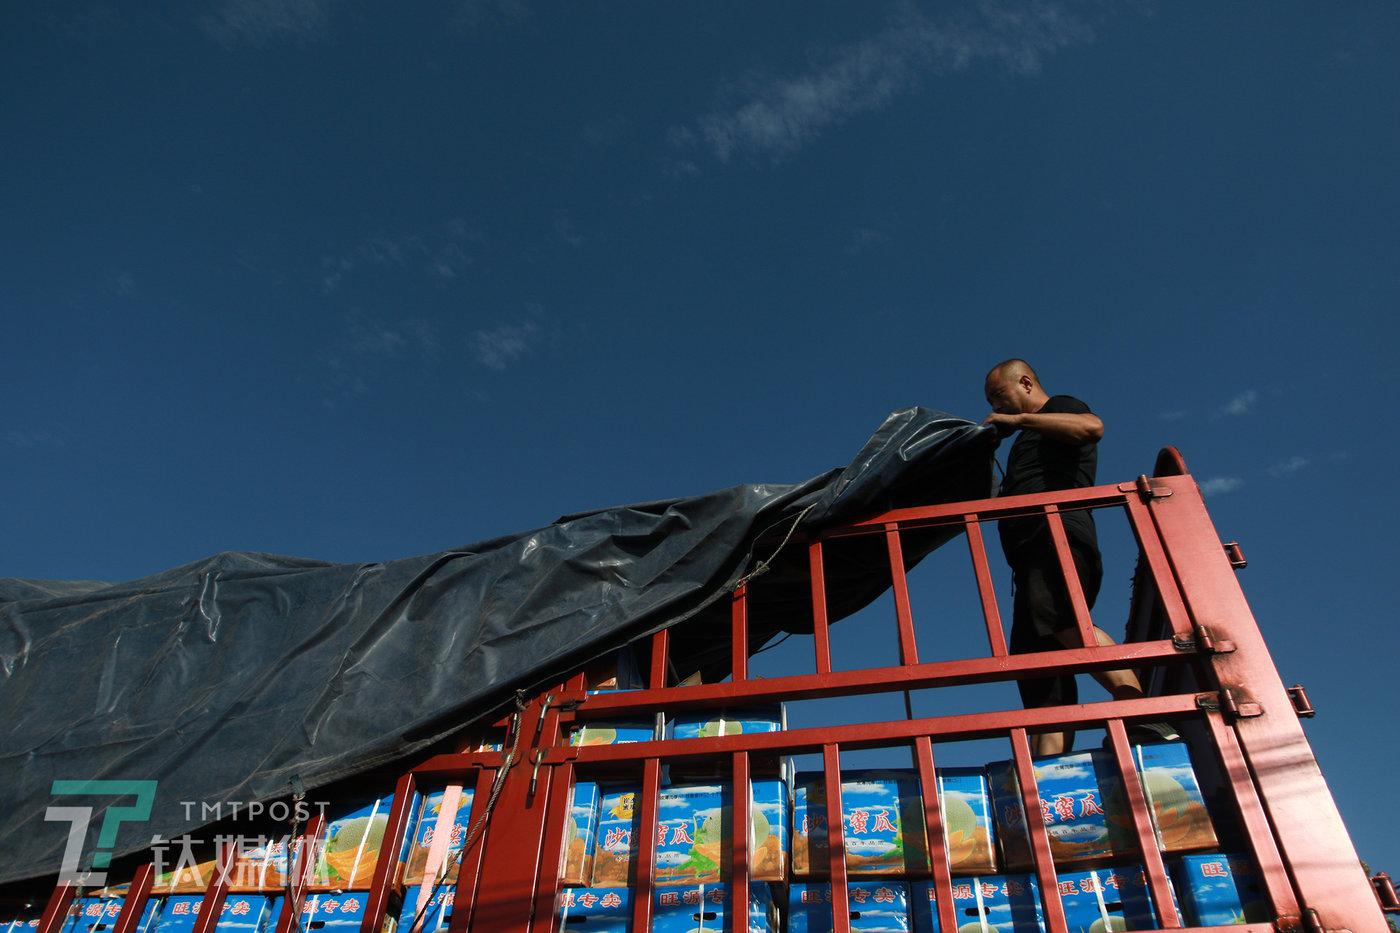 卡车车司机在给车盖油布。这一趟,他要载着18吨瓜,从民勤发车到武汉,1800公里路程,他一个人驾驶,要在36个小时内送达。